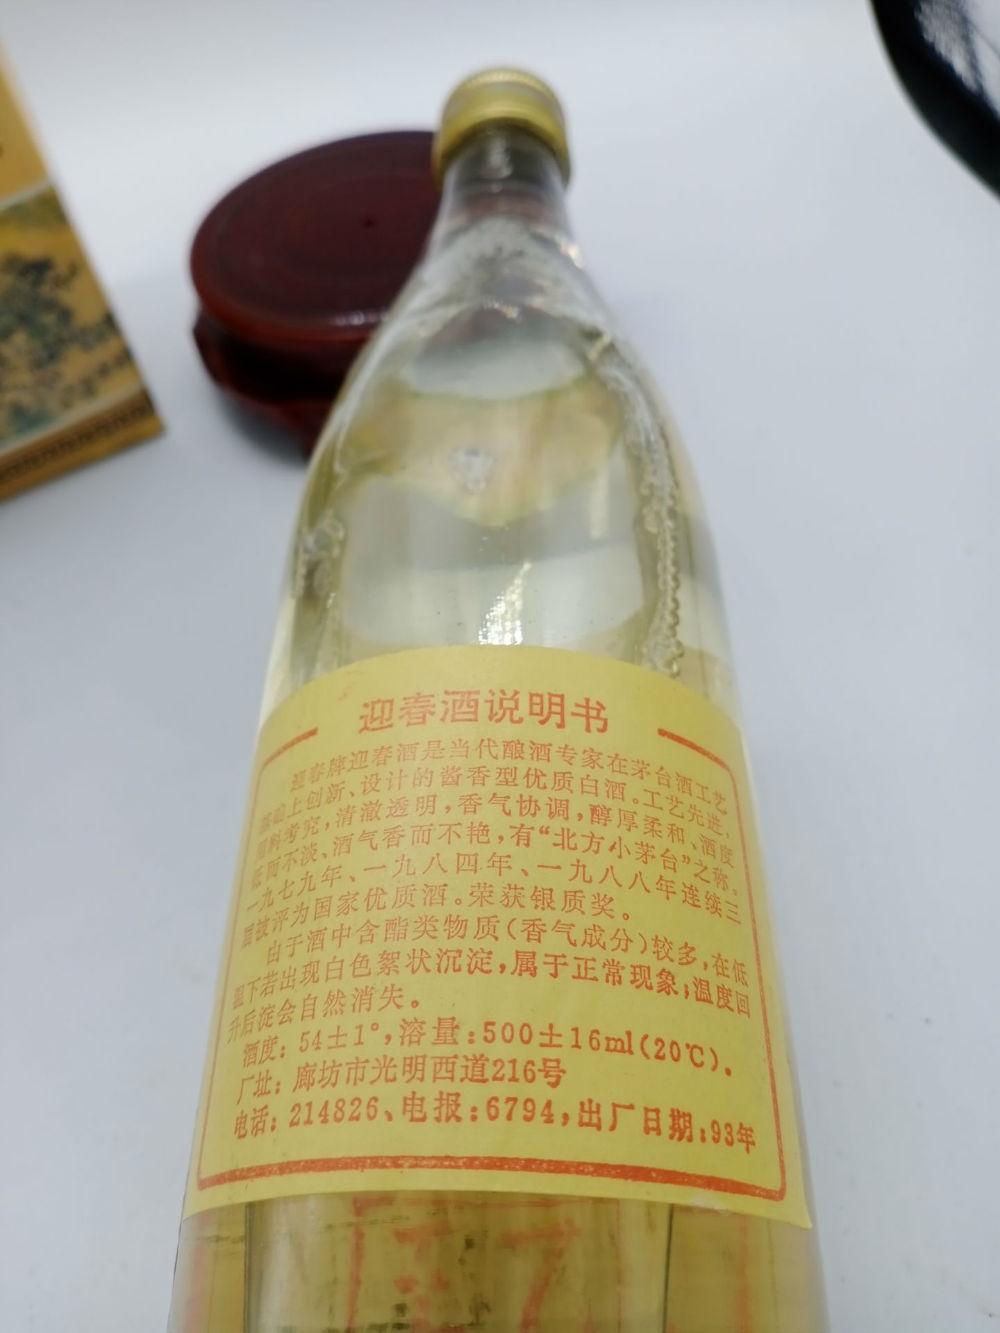 北京老酒行==河北廊坊酿酒厂==迎春酒===酱香黄汤